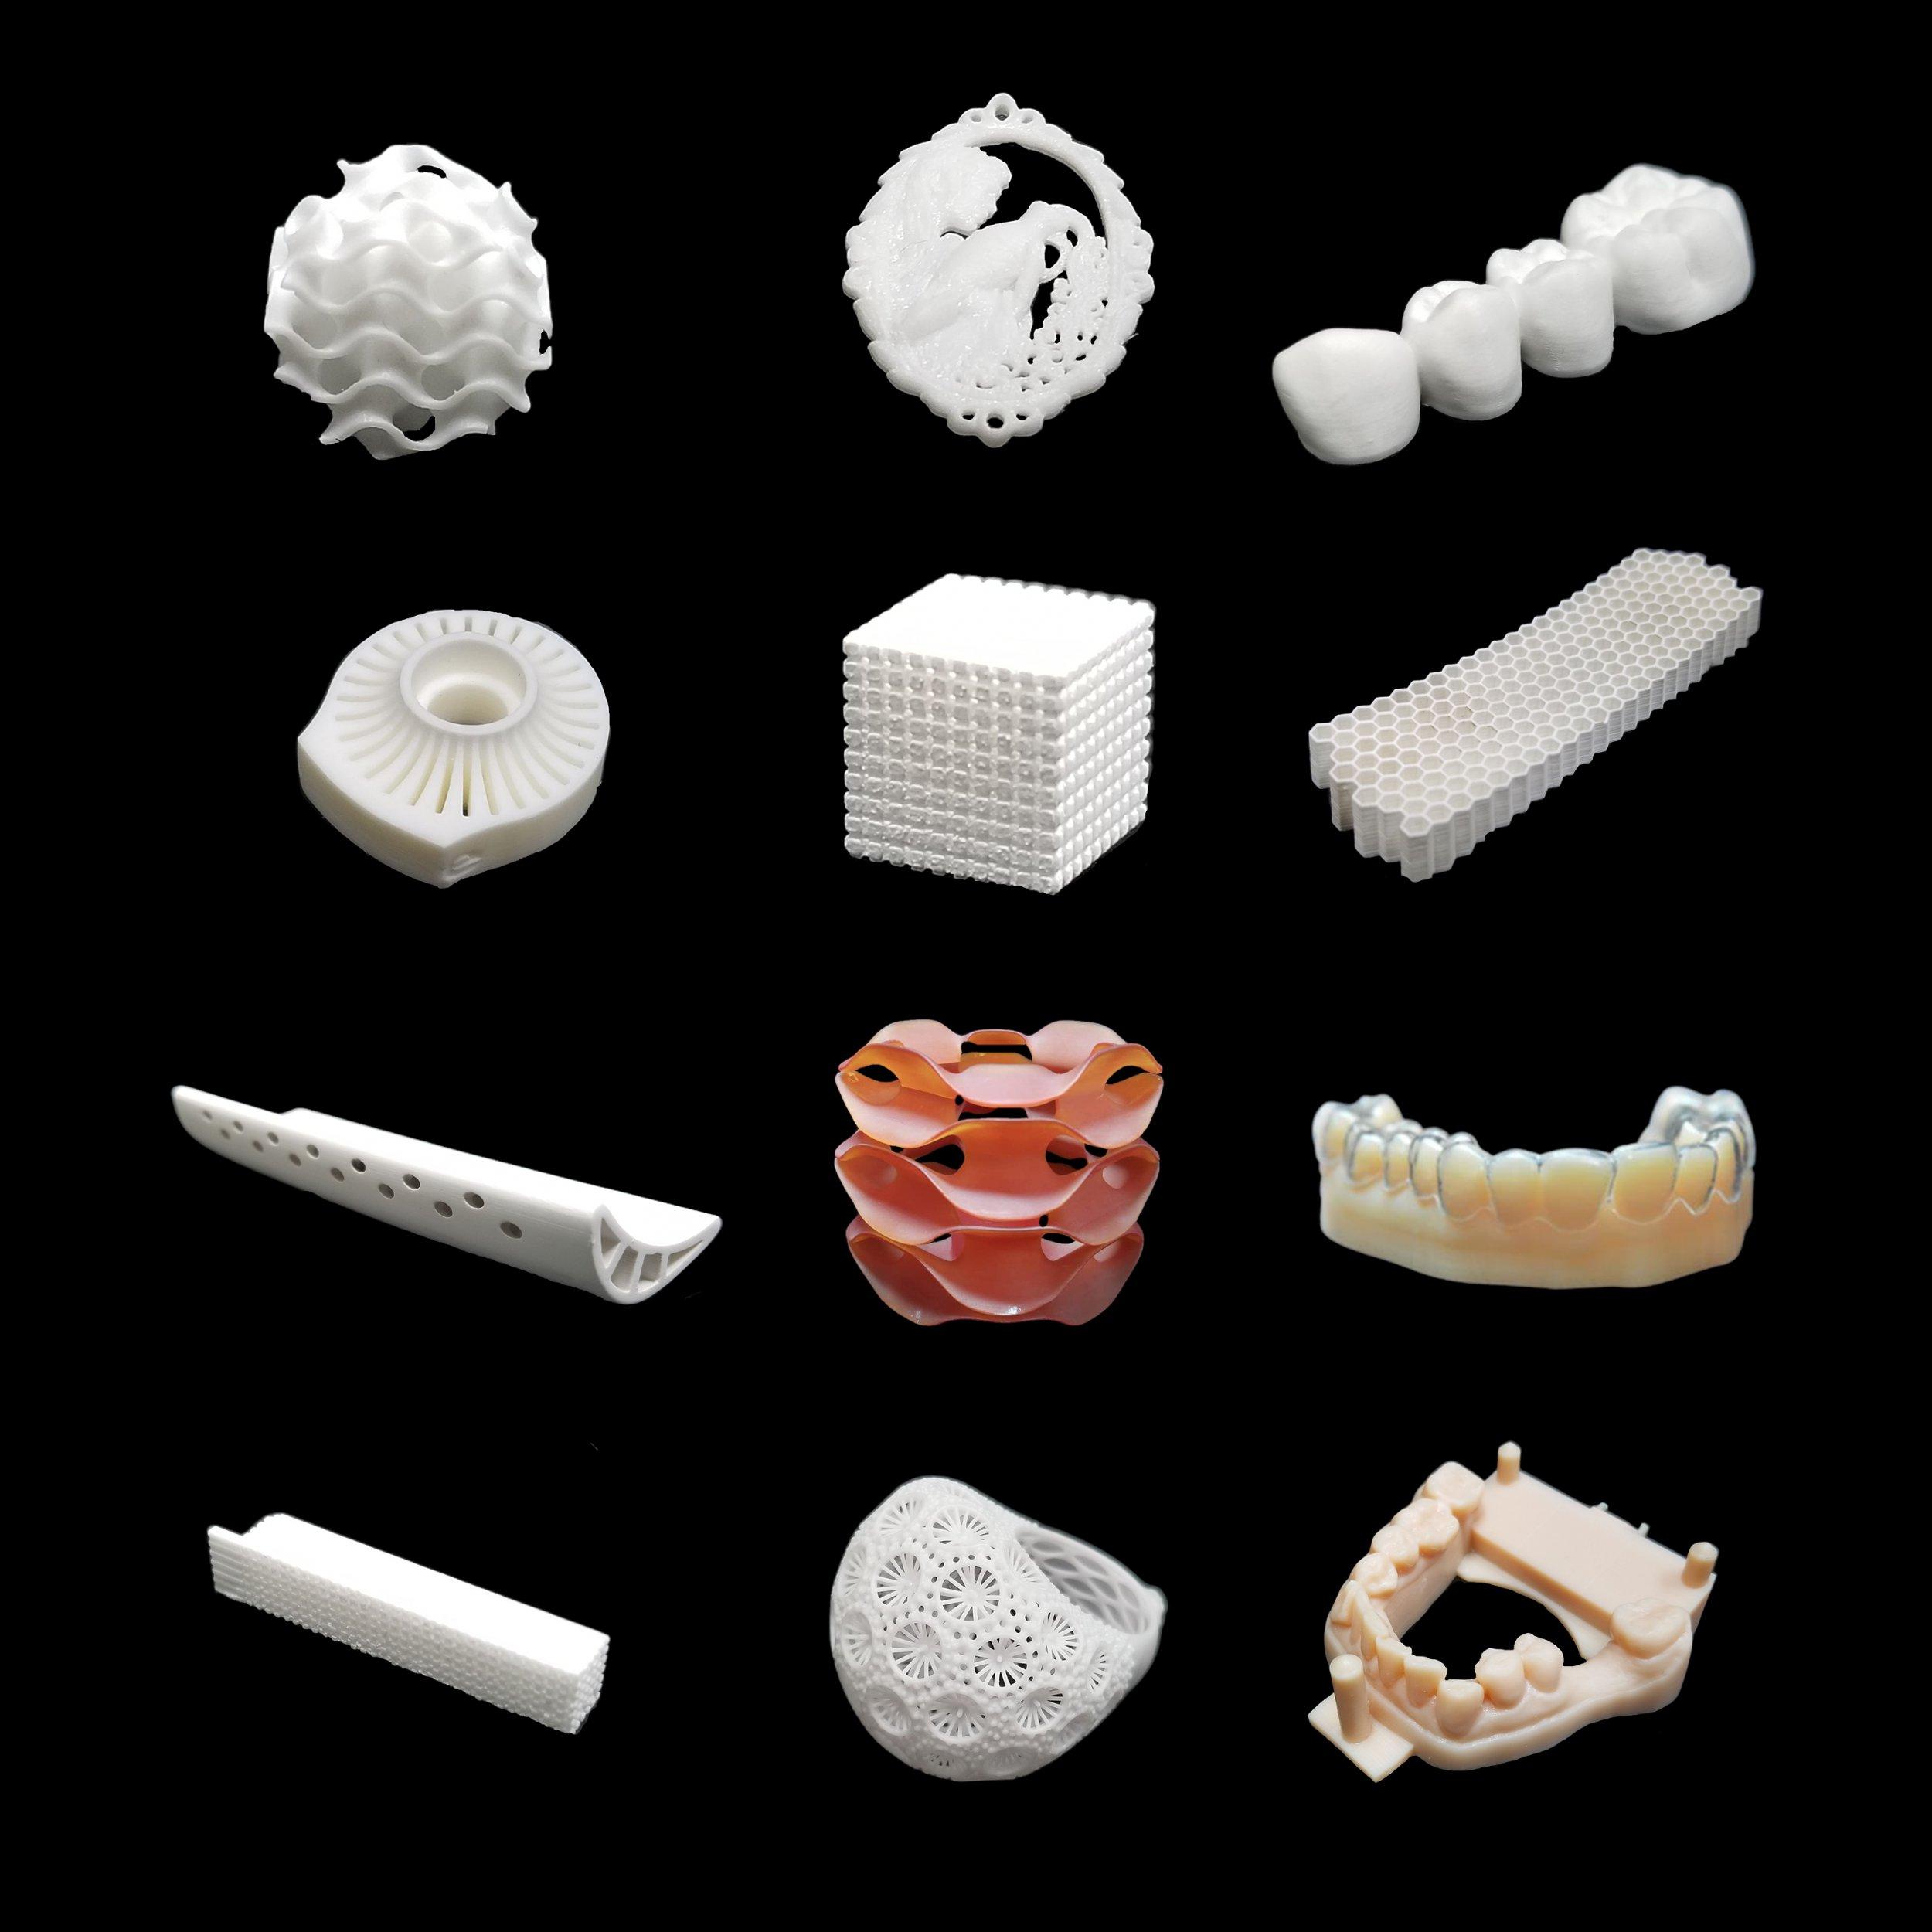 Prodways 创新打印机 - 一种领先的3D打印陶瓷新配方——抵制缺陷,降低收缩率、提高强度